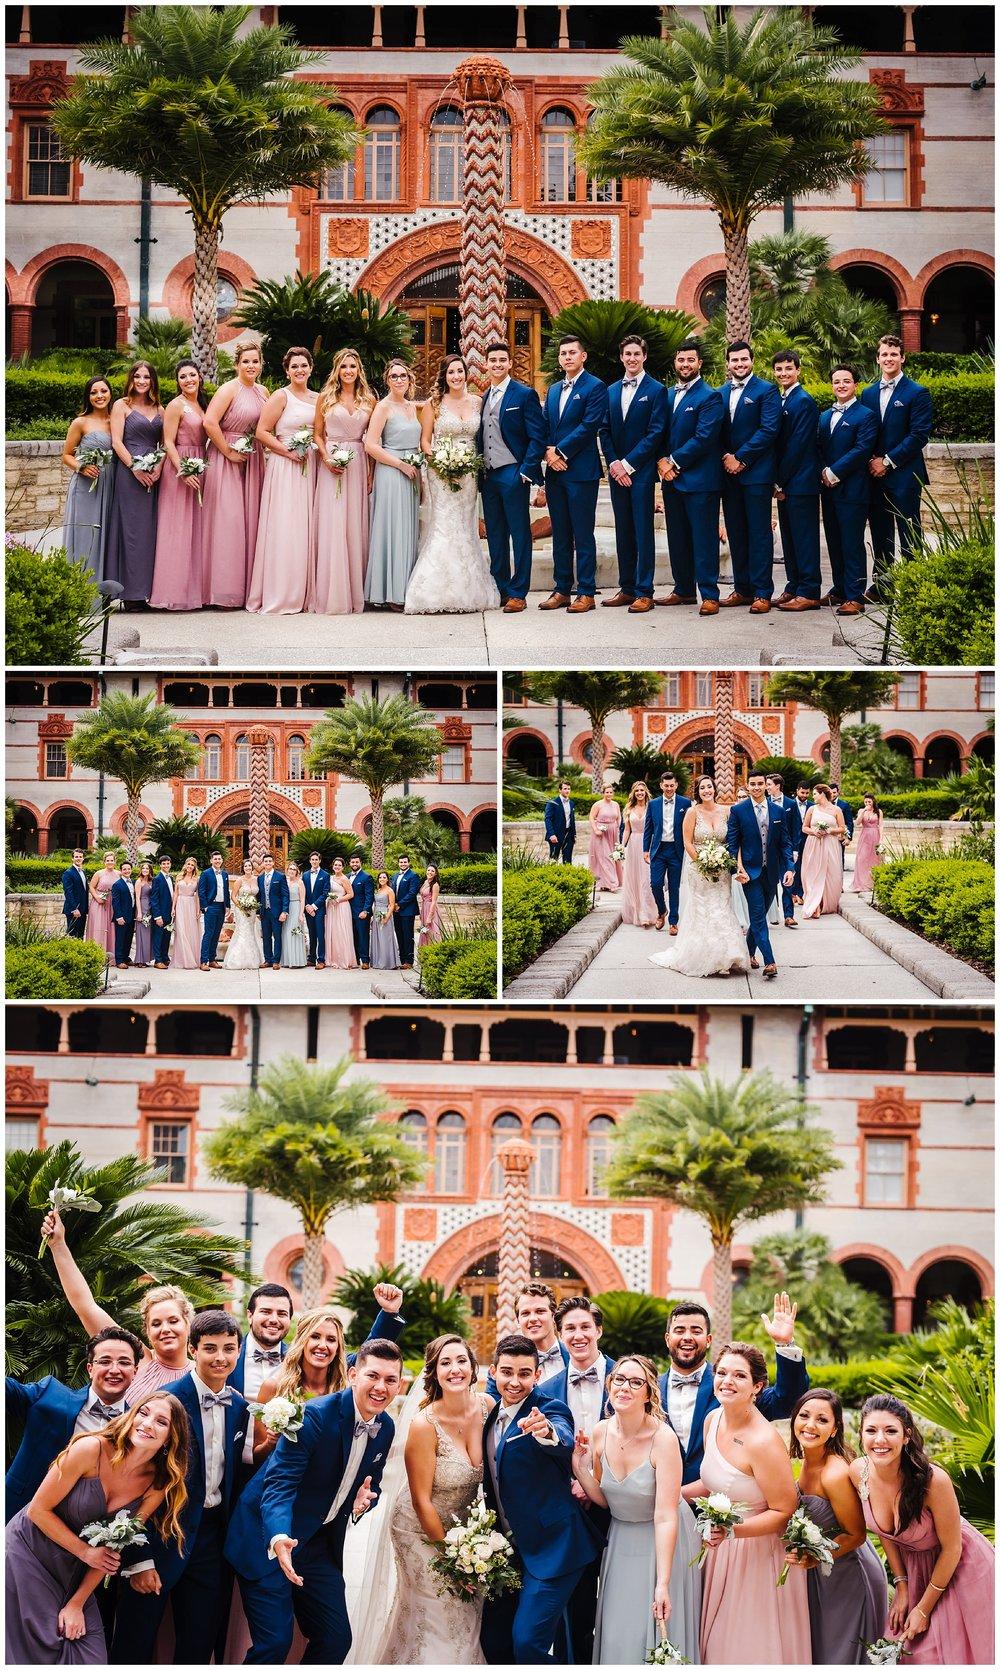 st-augustine-destination-wedding-photographer-white-room-villa-blanca-flagler-first-look_0024.jpg